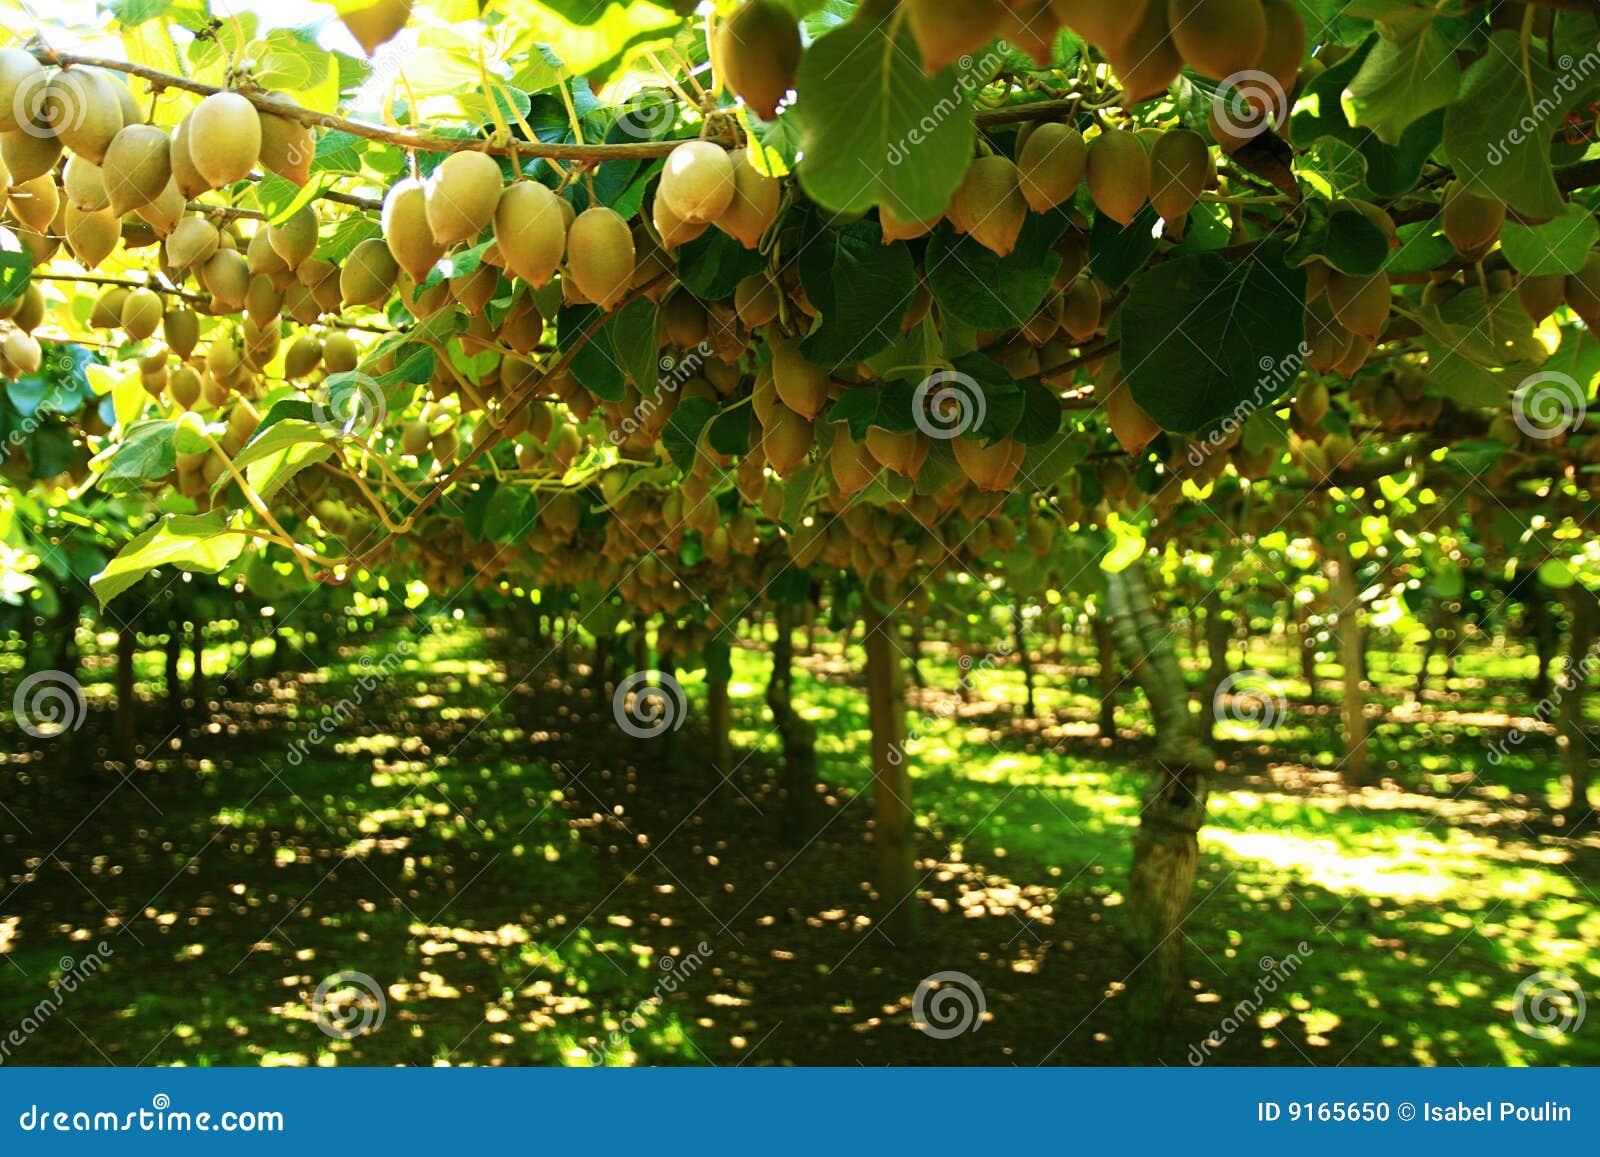 Kiwi Tree Stock Photo - Image: 9165650